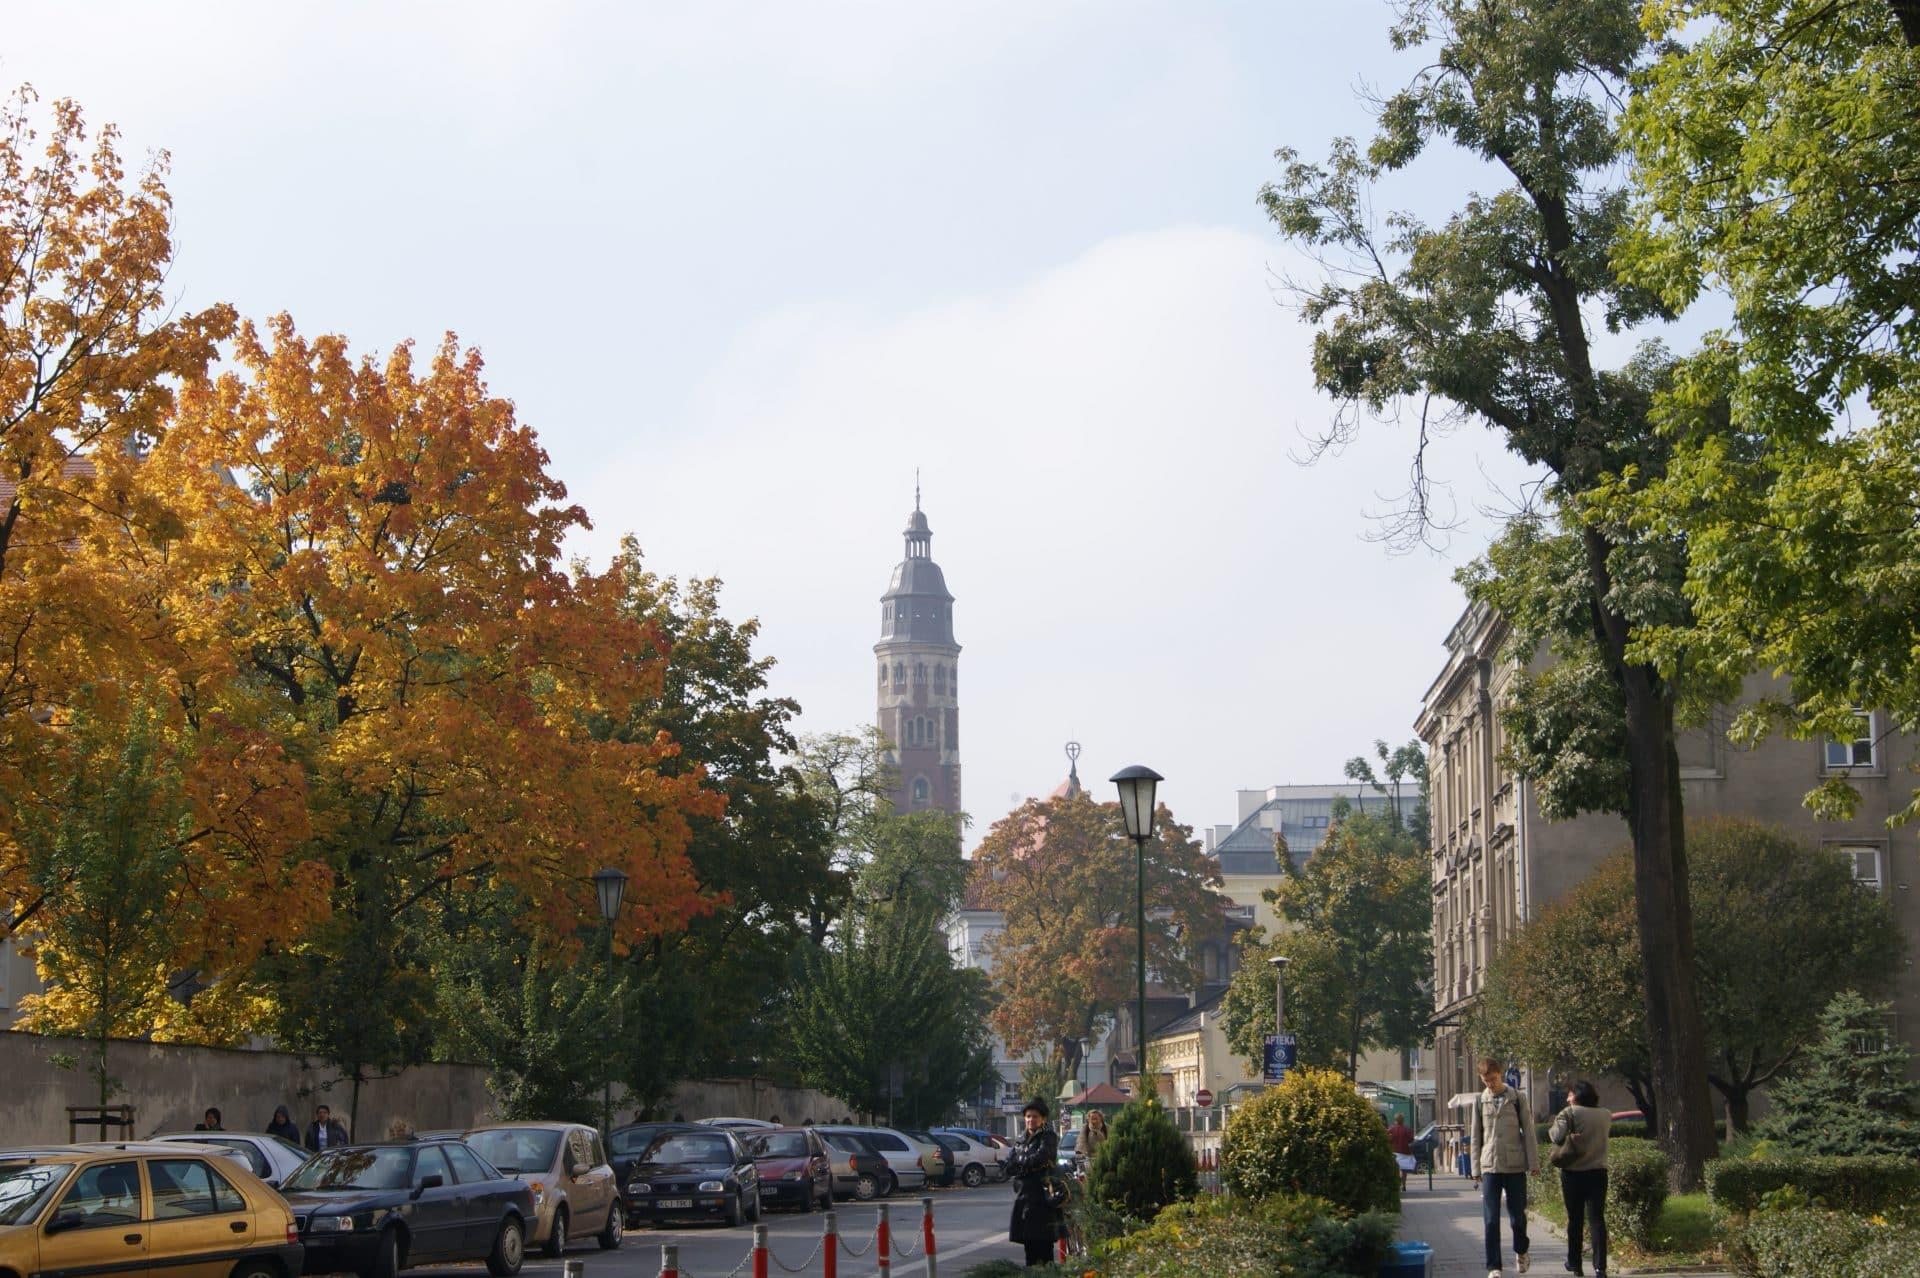 Wesoła, Kraków. Źródło: Zygmunt Put/Wikimedia Commons.